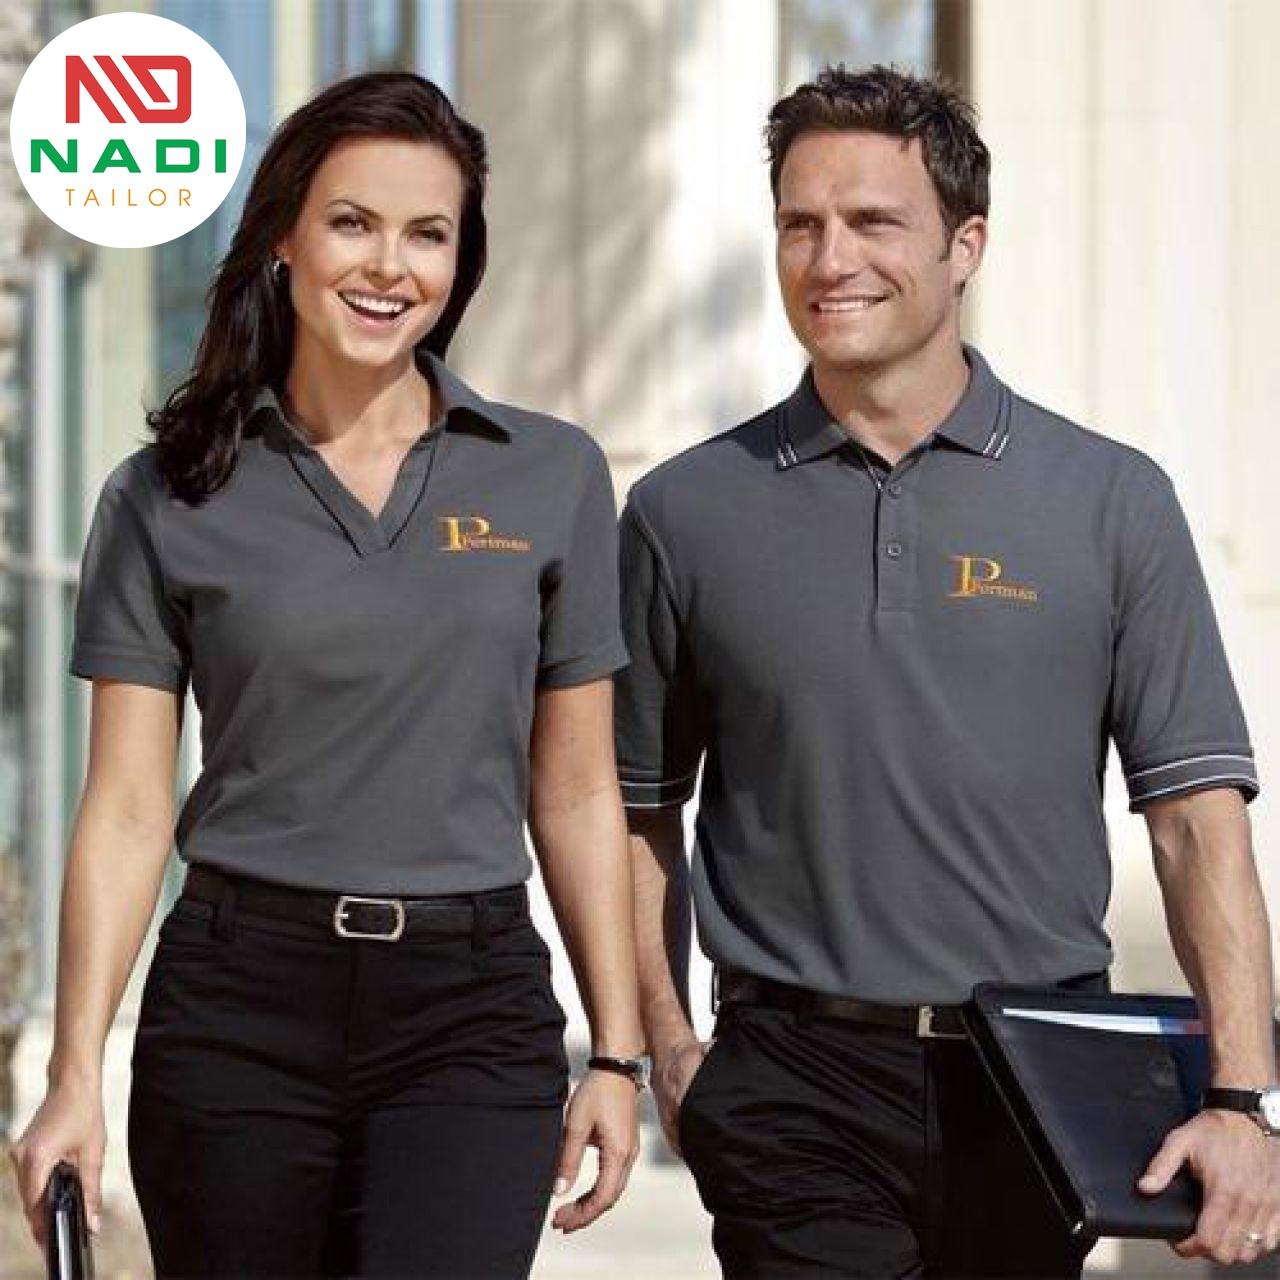 Bên cạnh các số đo phổ biến là XS, S, M, L, XL, XXL thì các kiểu áo thun đồng phục cao cấp còn có thể có bổ sung thêm số đo khác nhau tùy theo vóc dáng và yêu cầu của khách hàng.